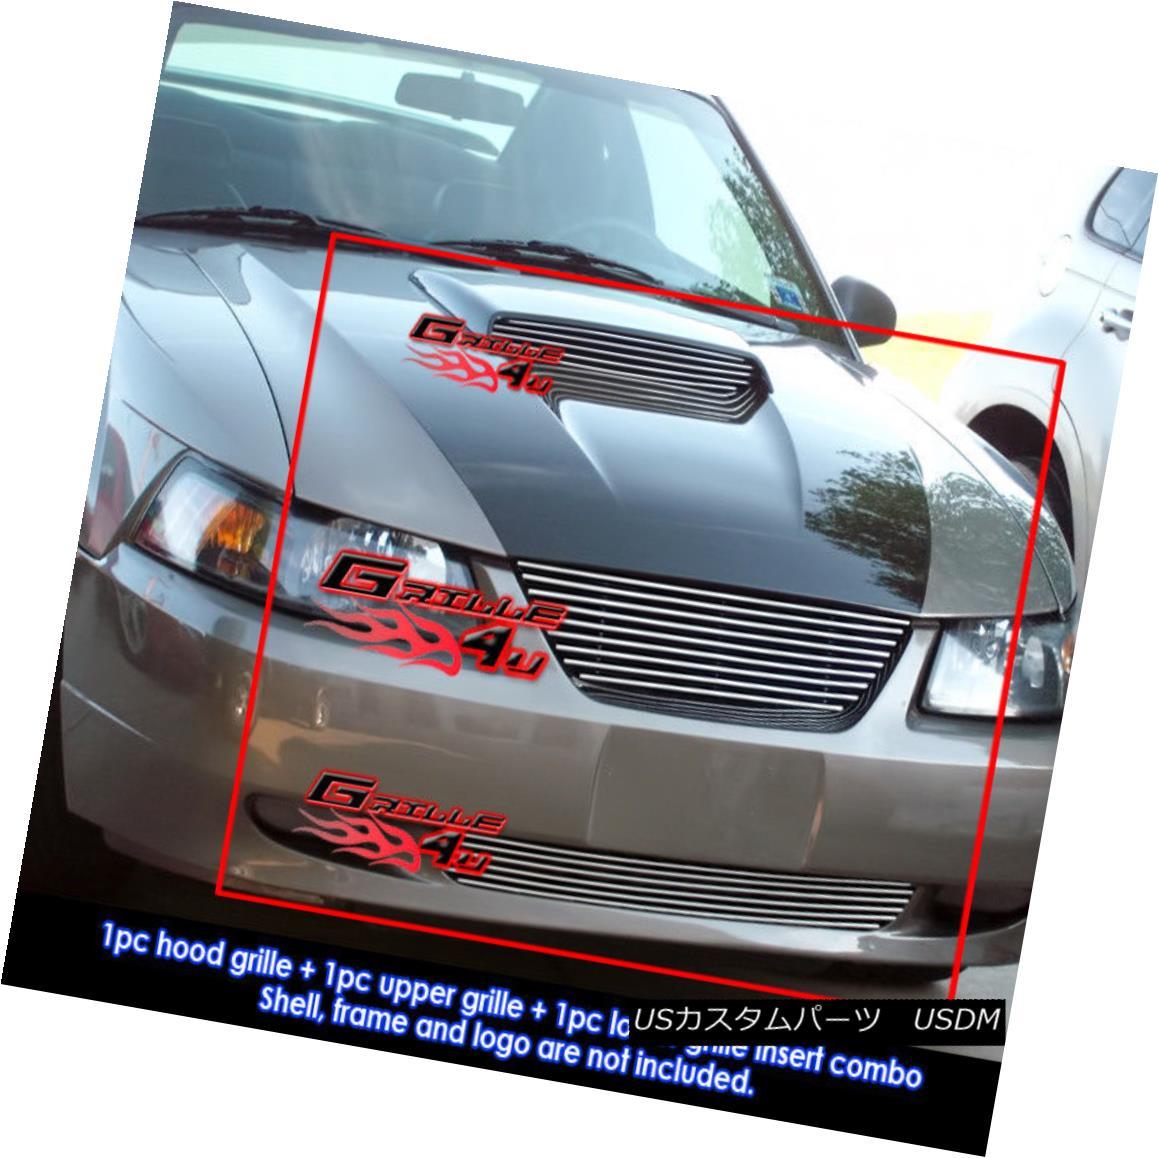 グリル Fits 1999-2004 Ford Mustang GT V8 Billet Grille Grill Combo Insert フィット1999-2004フォードマスタングGT V8ビレットグリルグリルコンボインサート